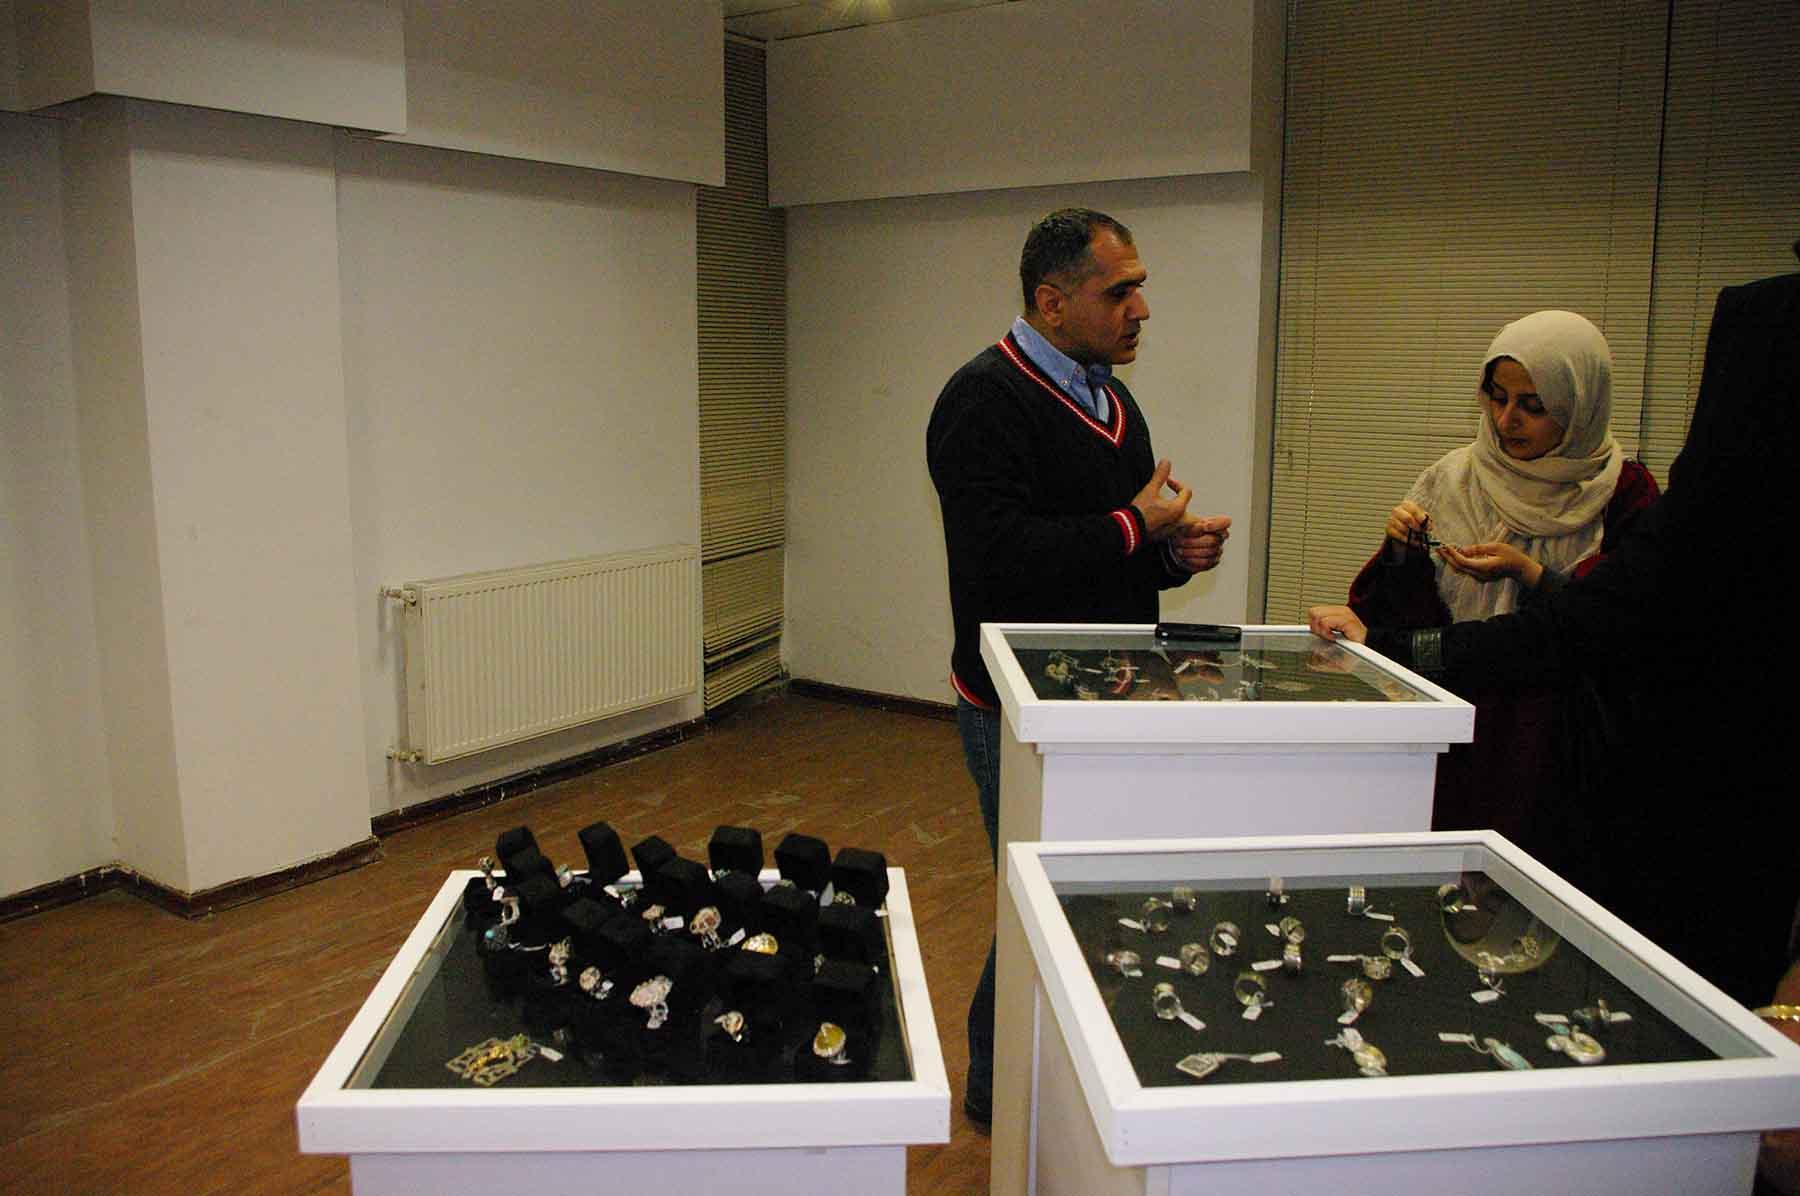 افتتاح نمایشگاه زیورآلات دست ساز در نگارخانه باران رفسنجان / عکس